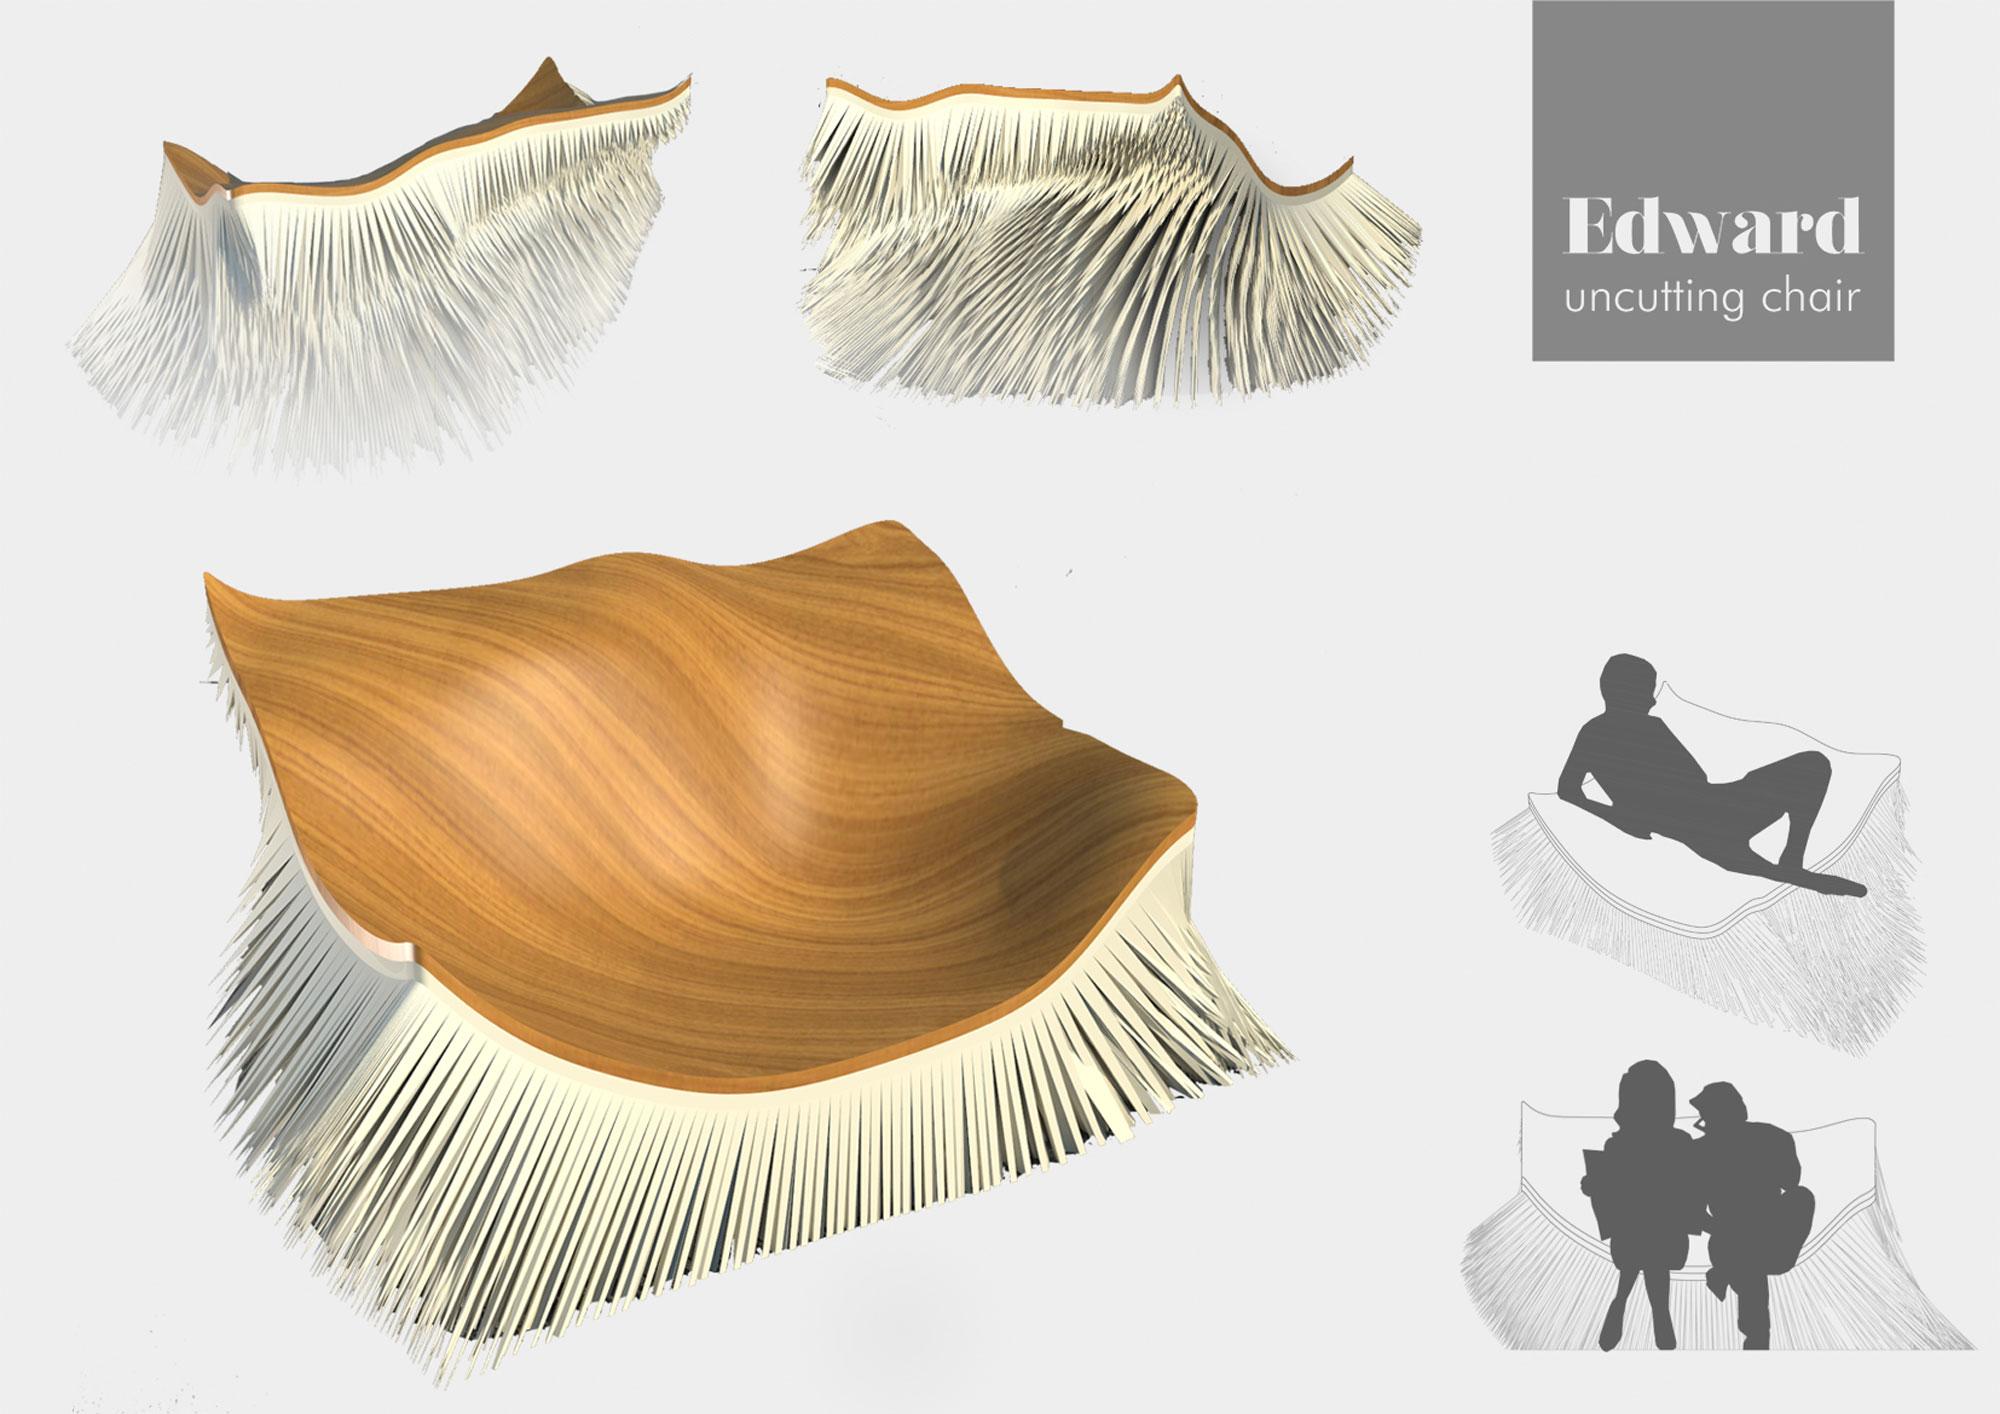 edward parametric chair